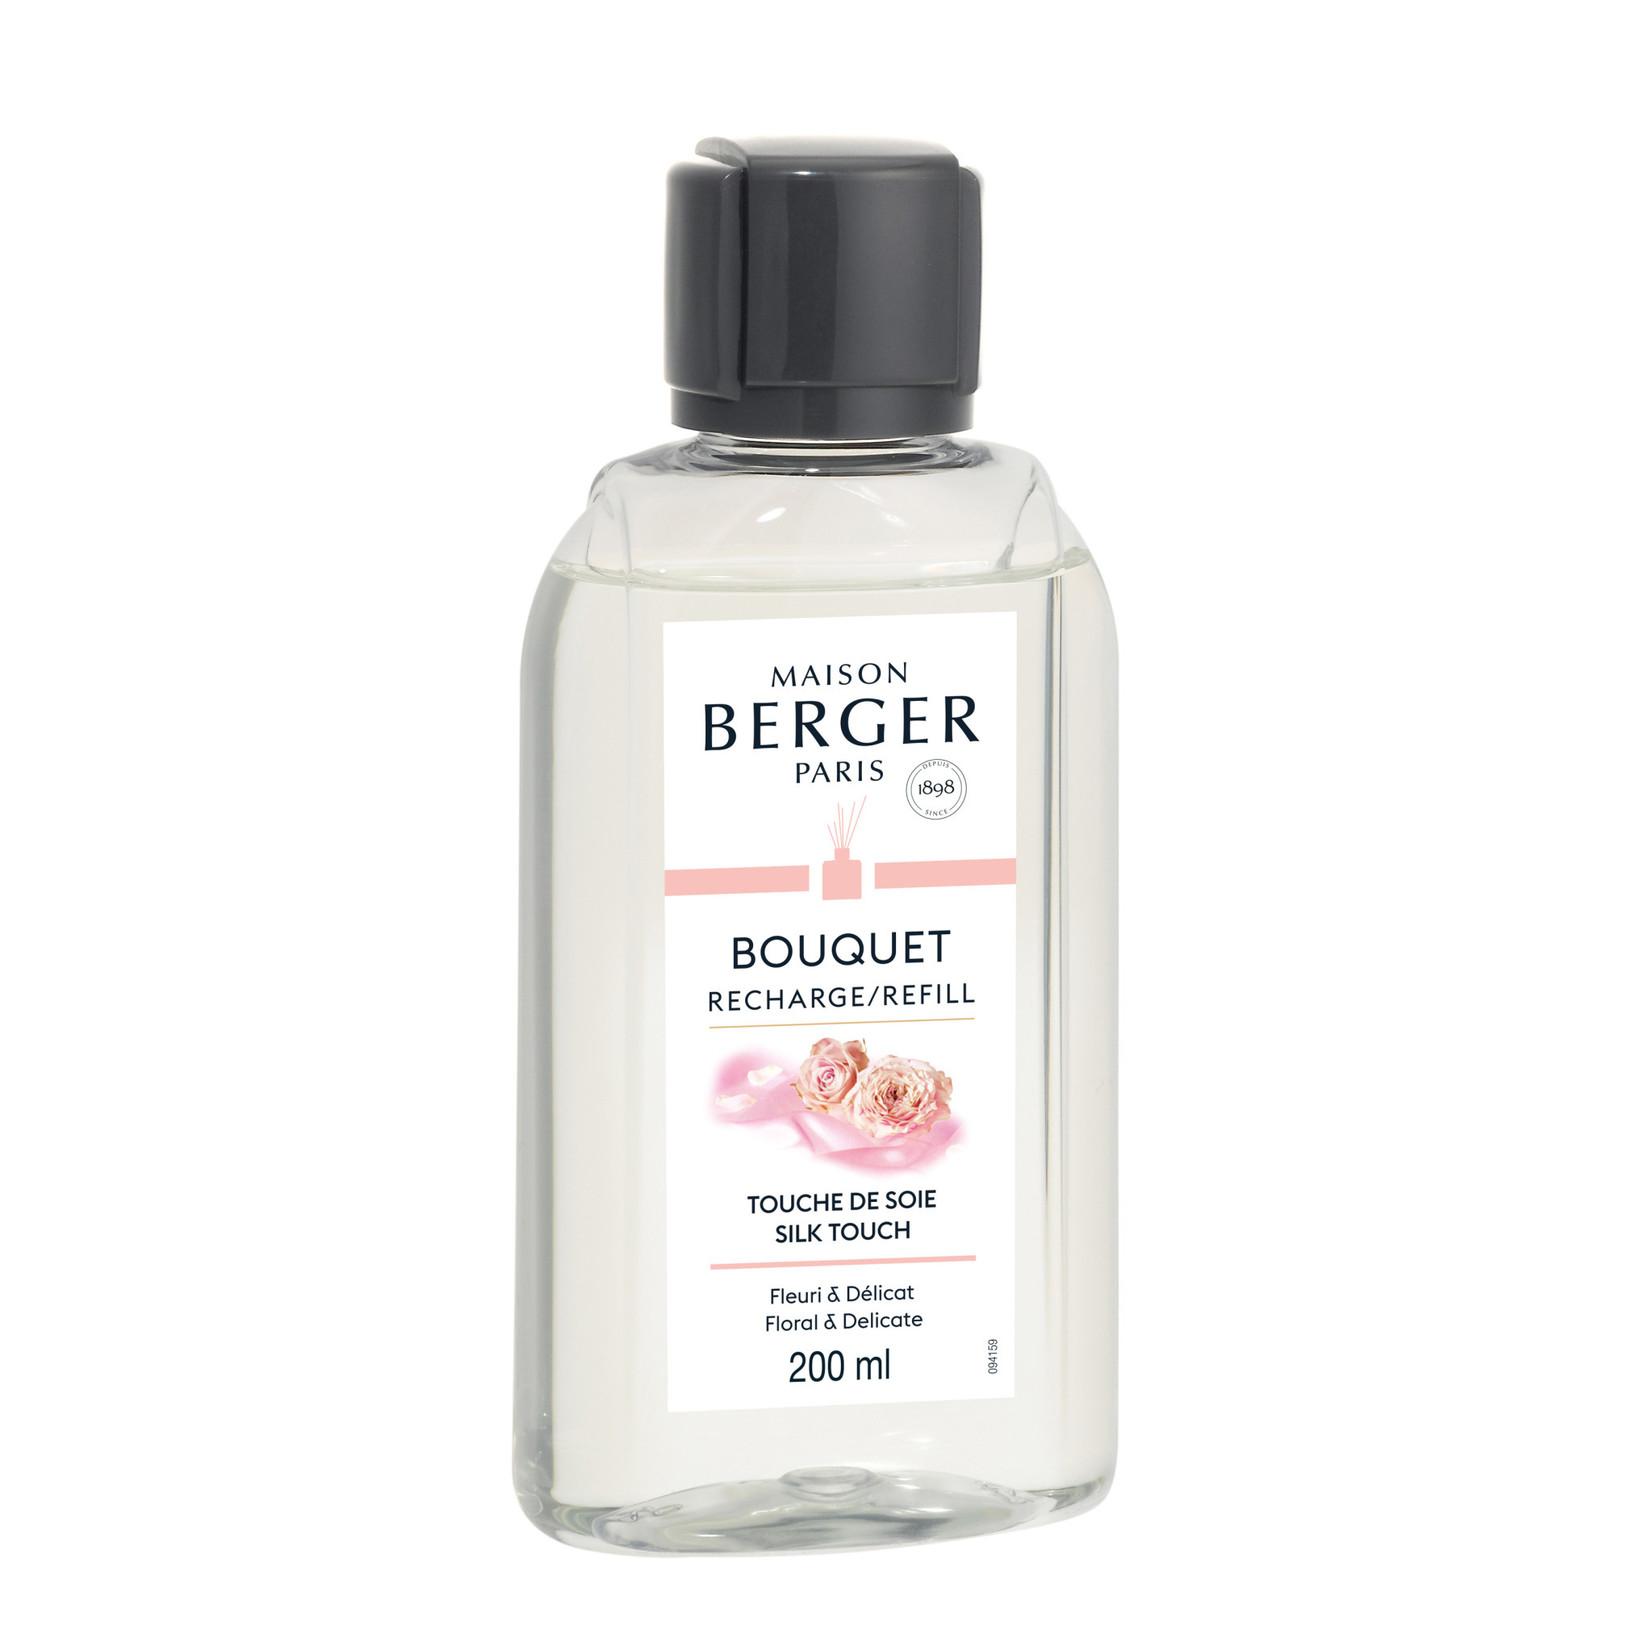 Lampe Berger Navulling parfumverspreider 200ml Touche de Soie